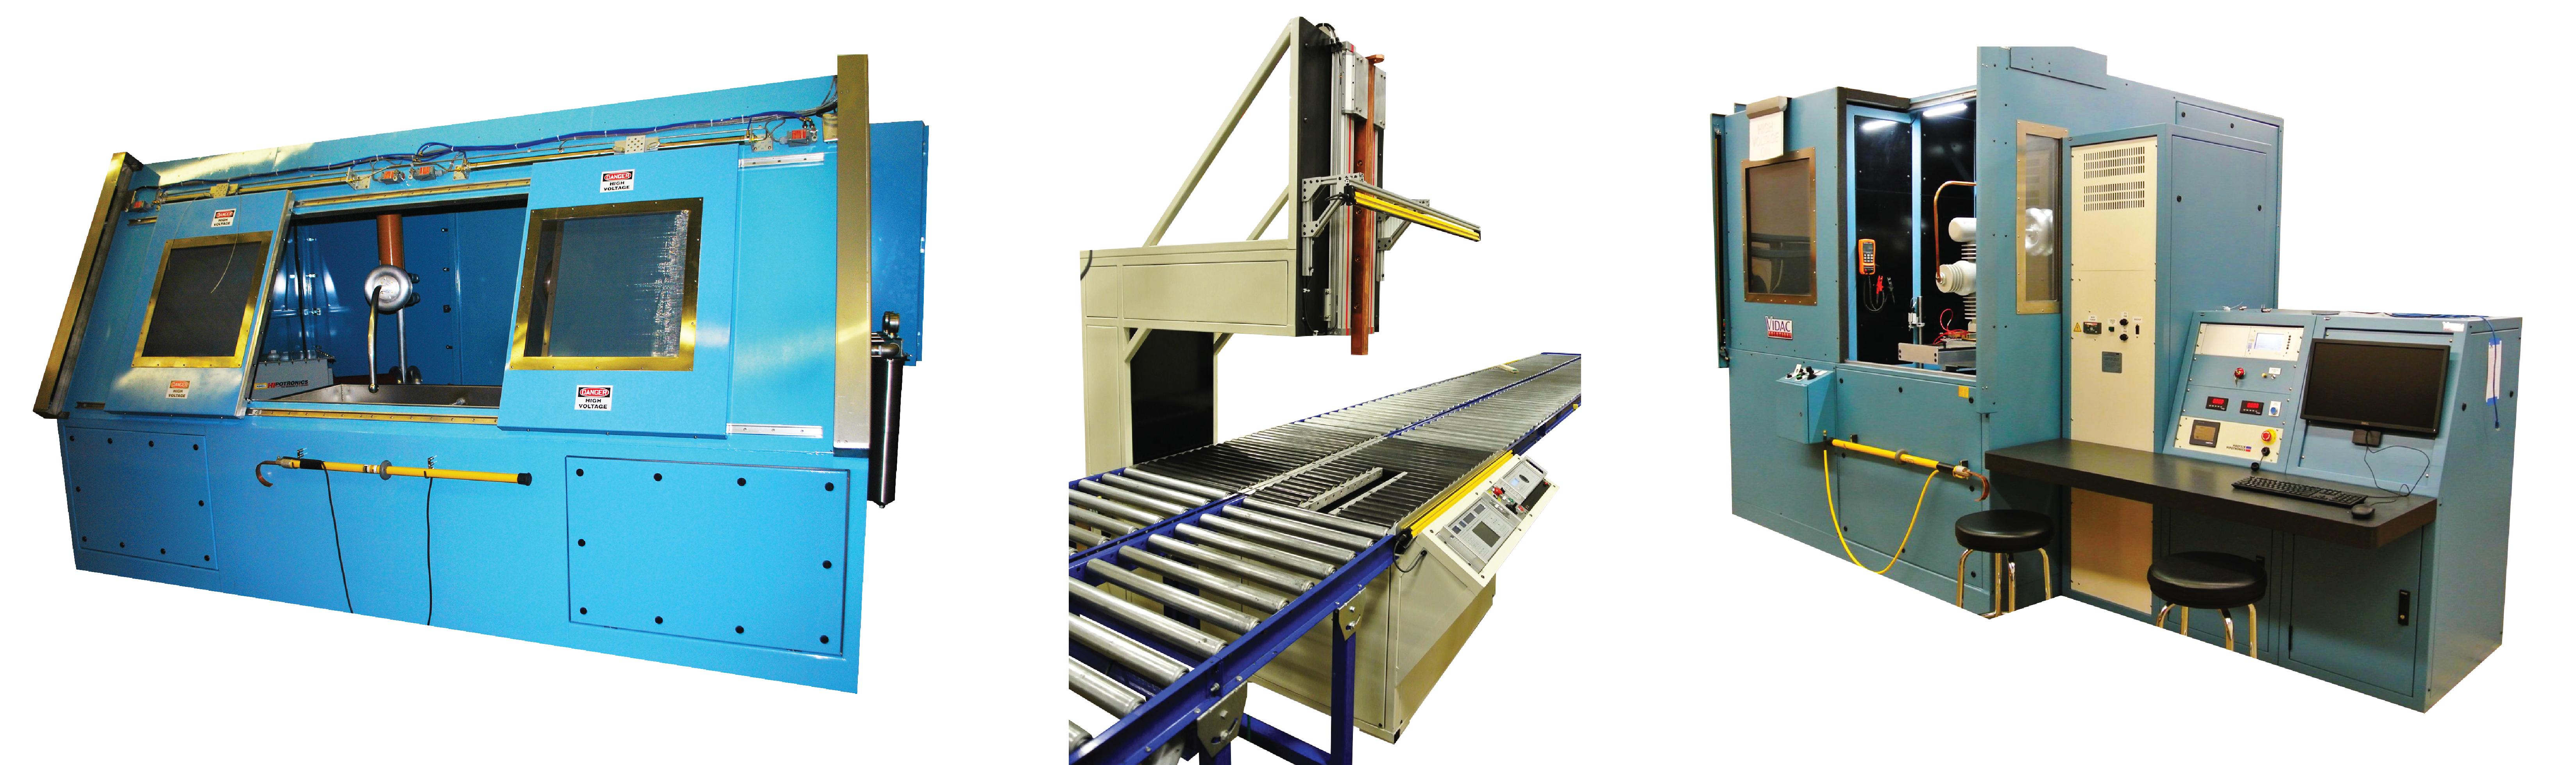 High-Voltage-Electrical-Testing-Slide